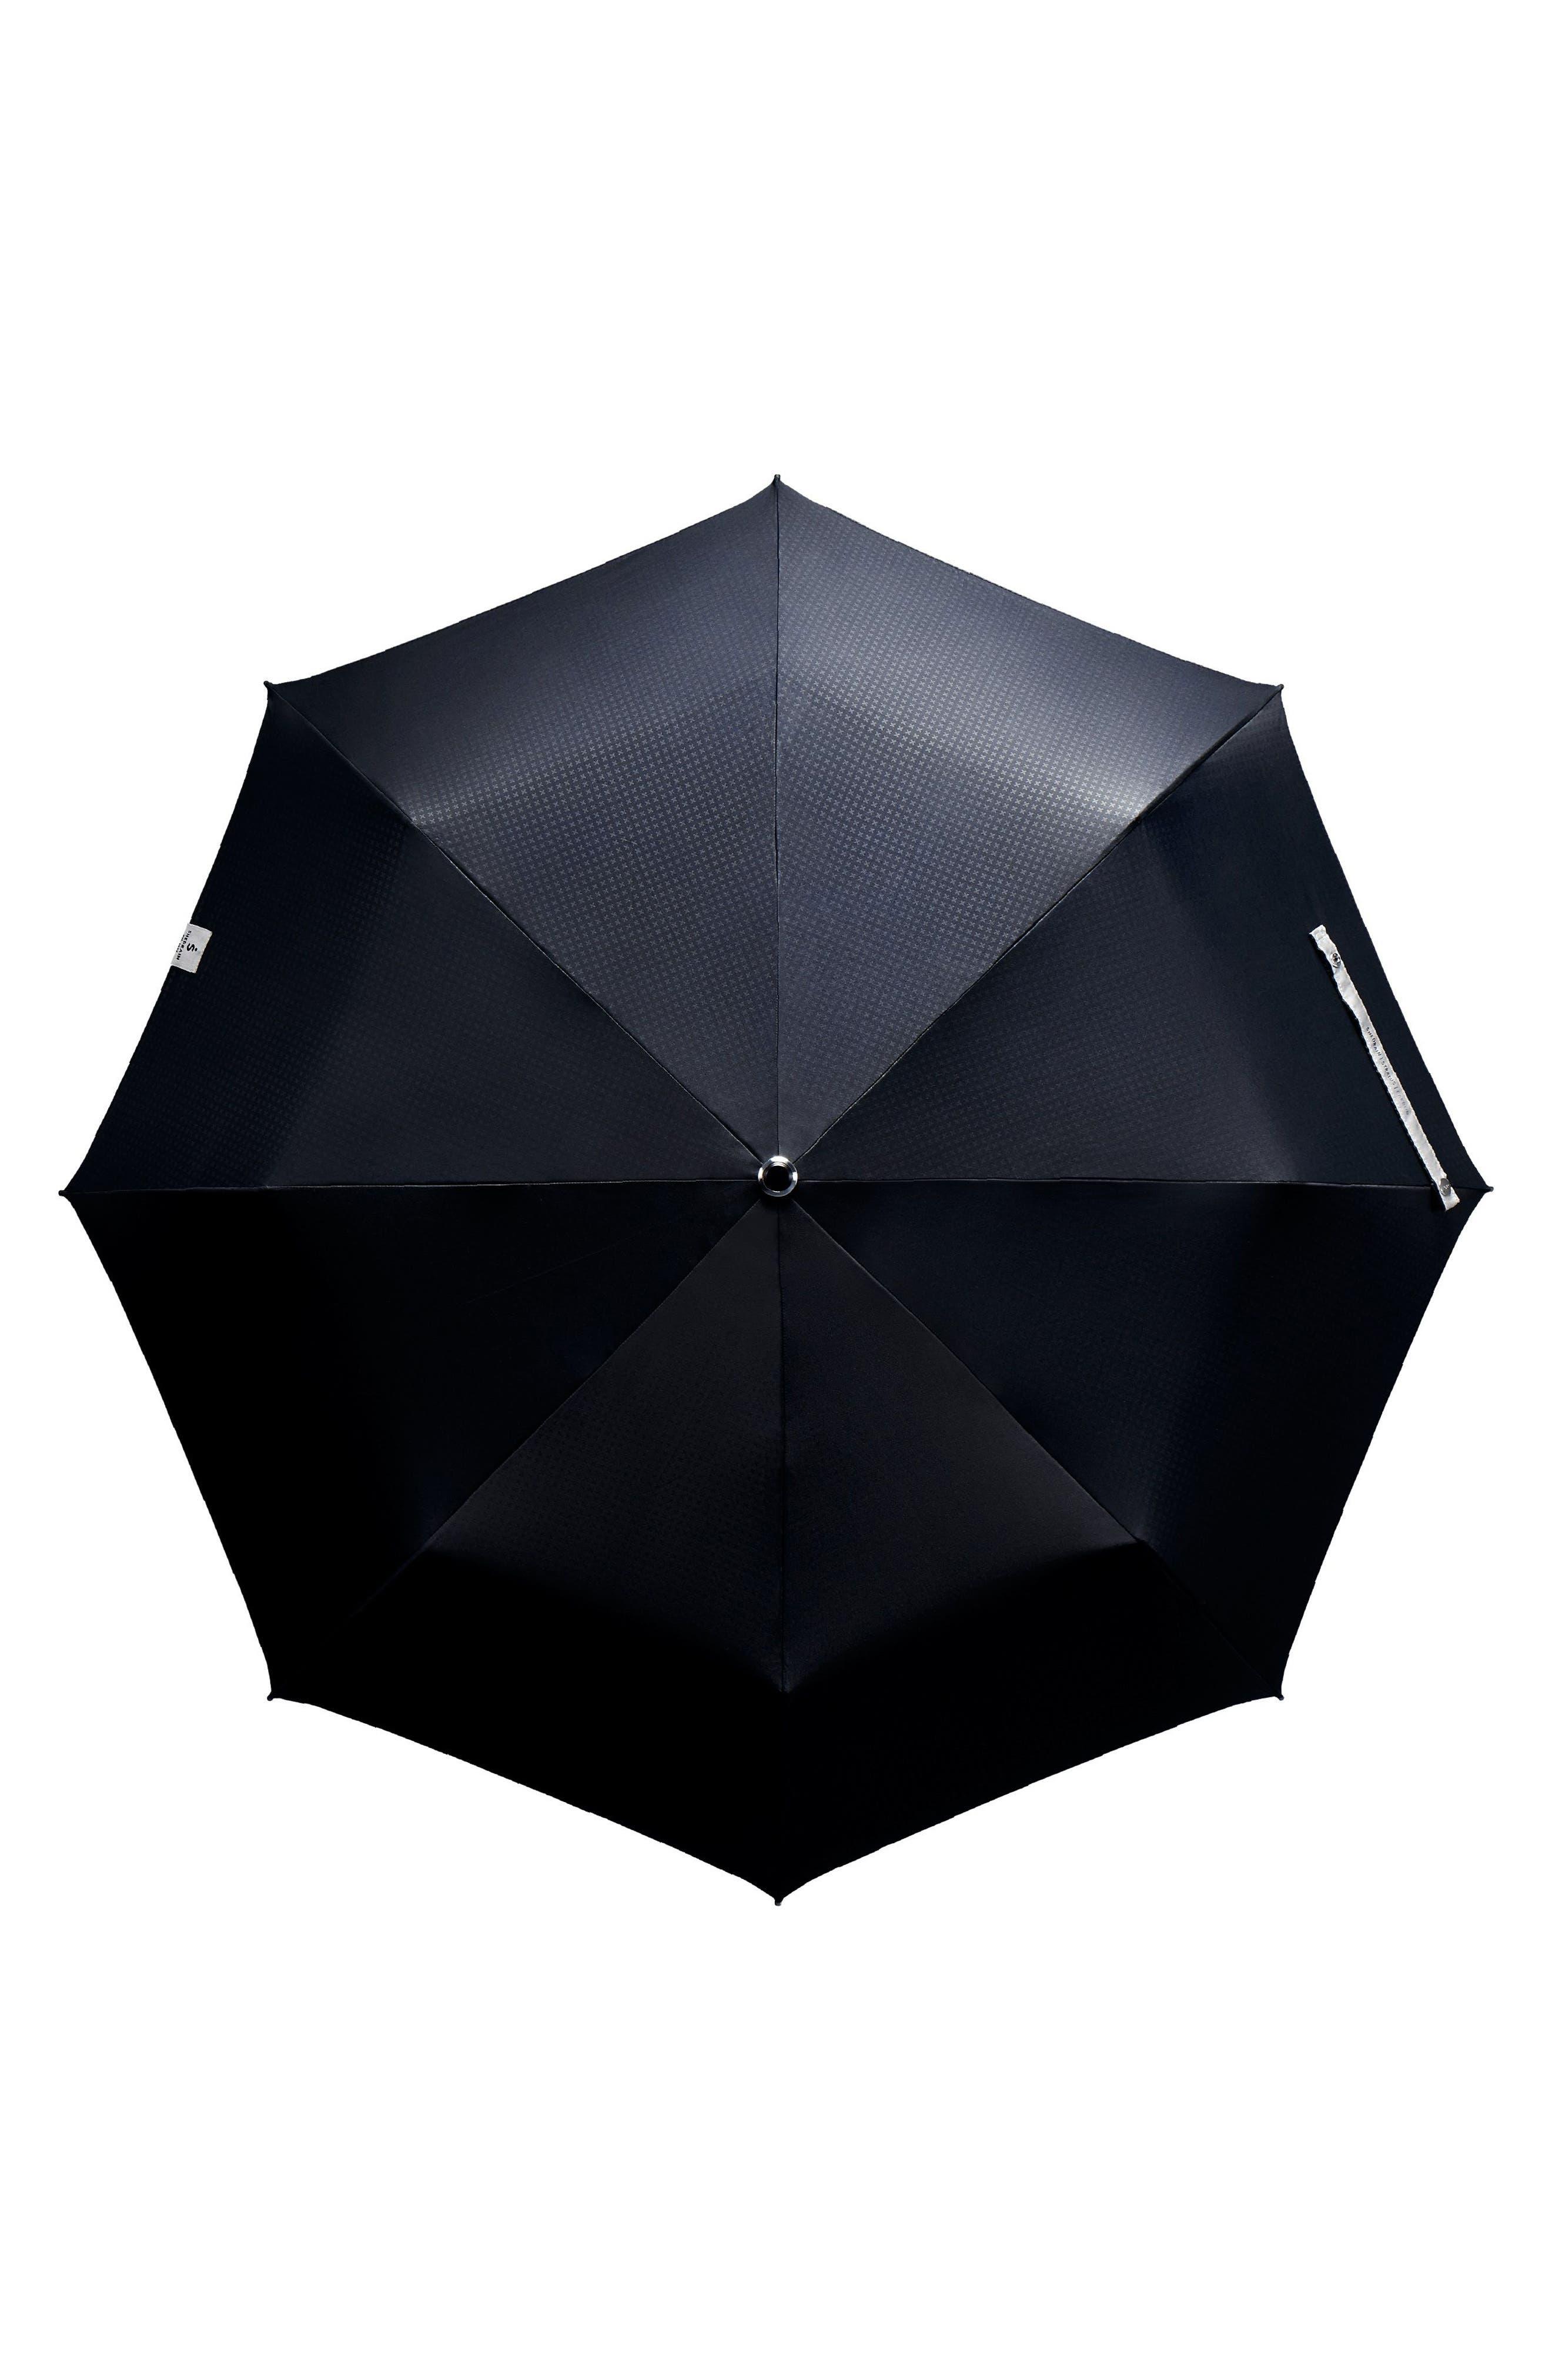 Alternate Image 3  - ShedRain Stratus Auto Open Compact Umbrella